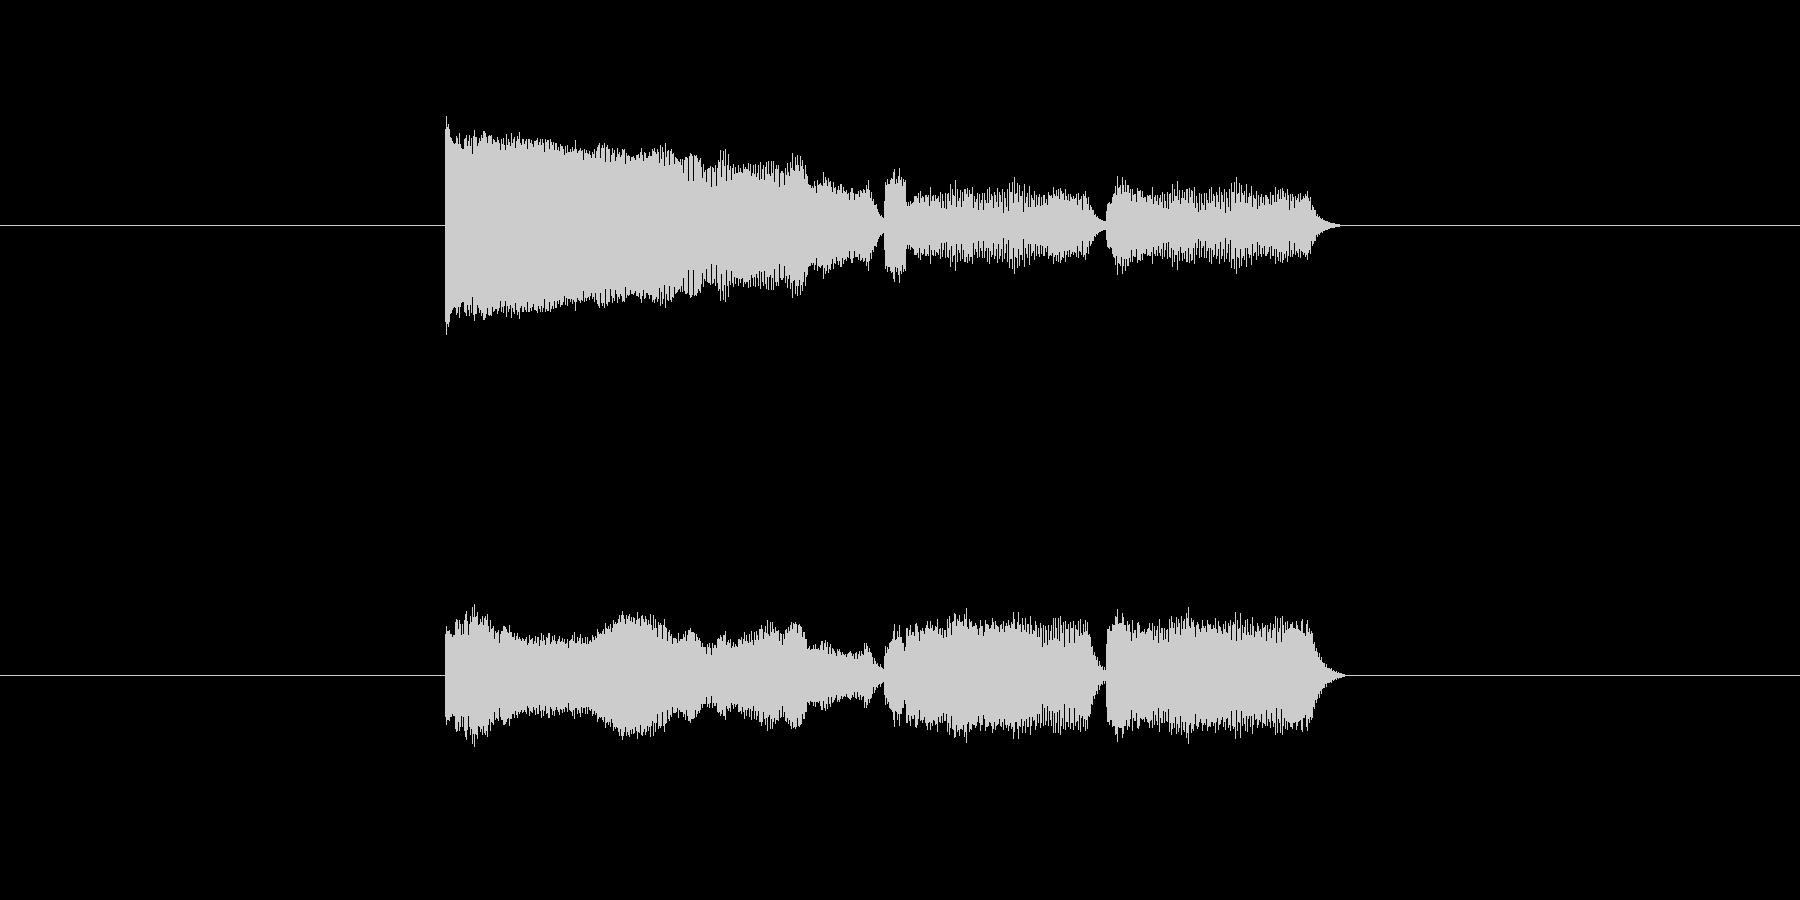 「12」を表す音のカウンターですの未再生の波形